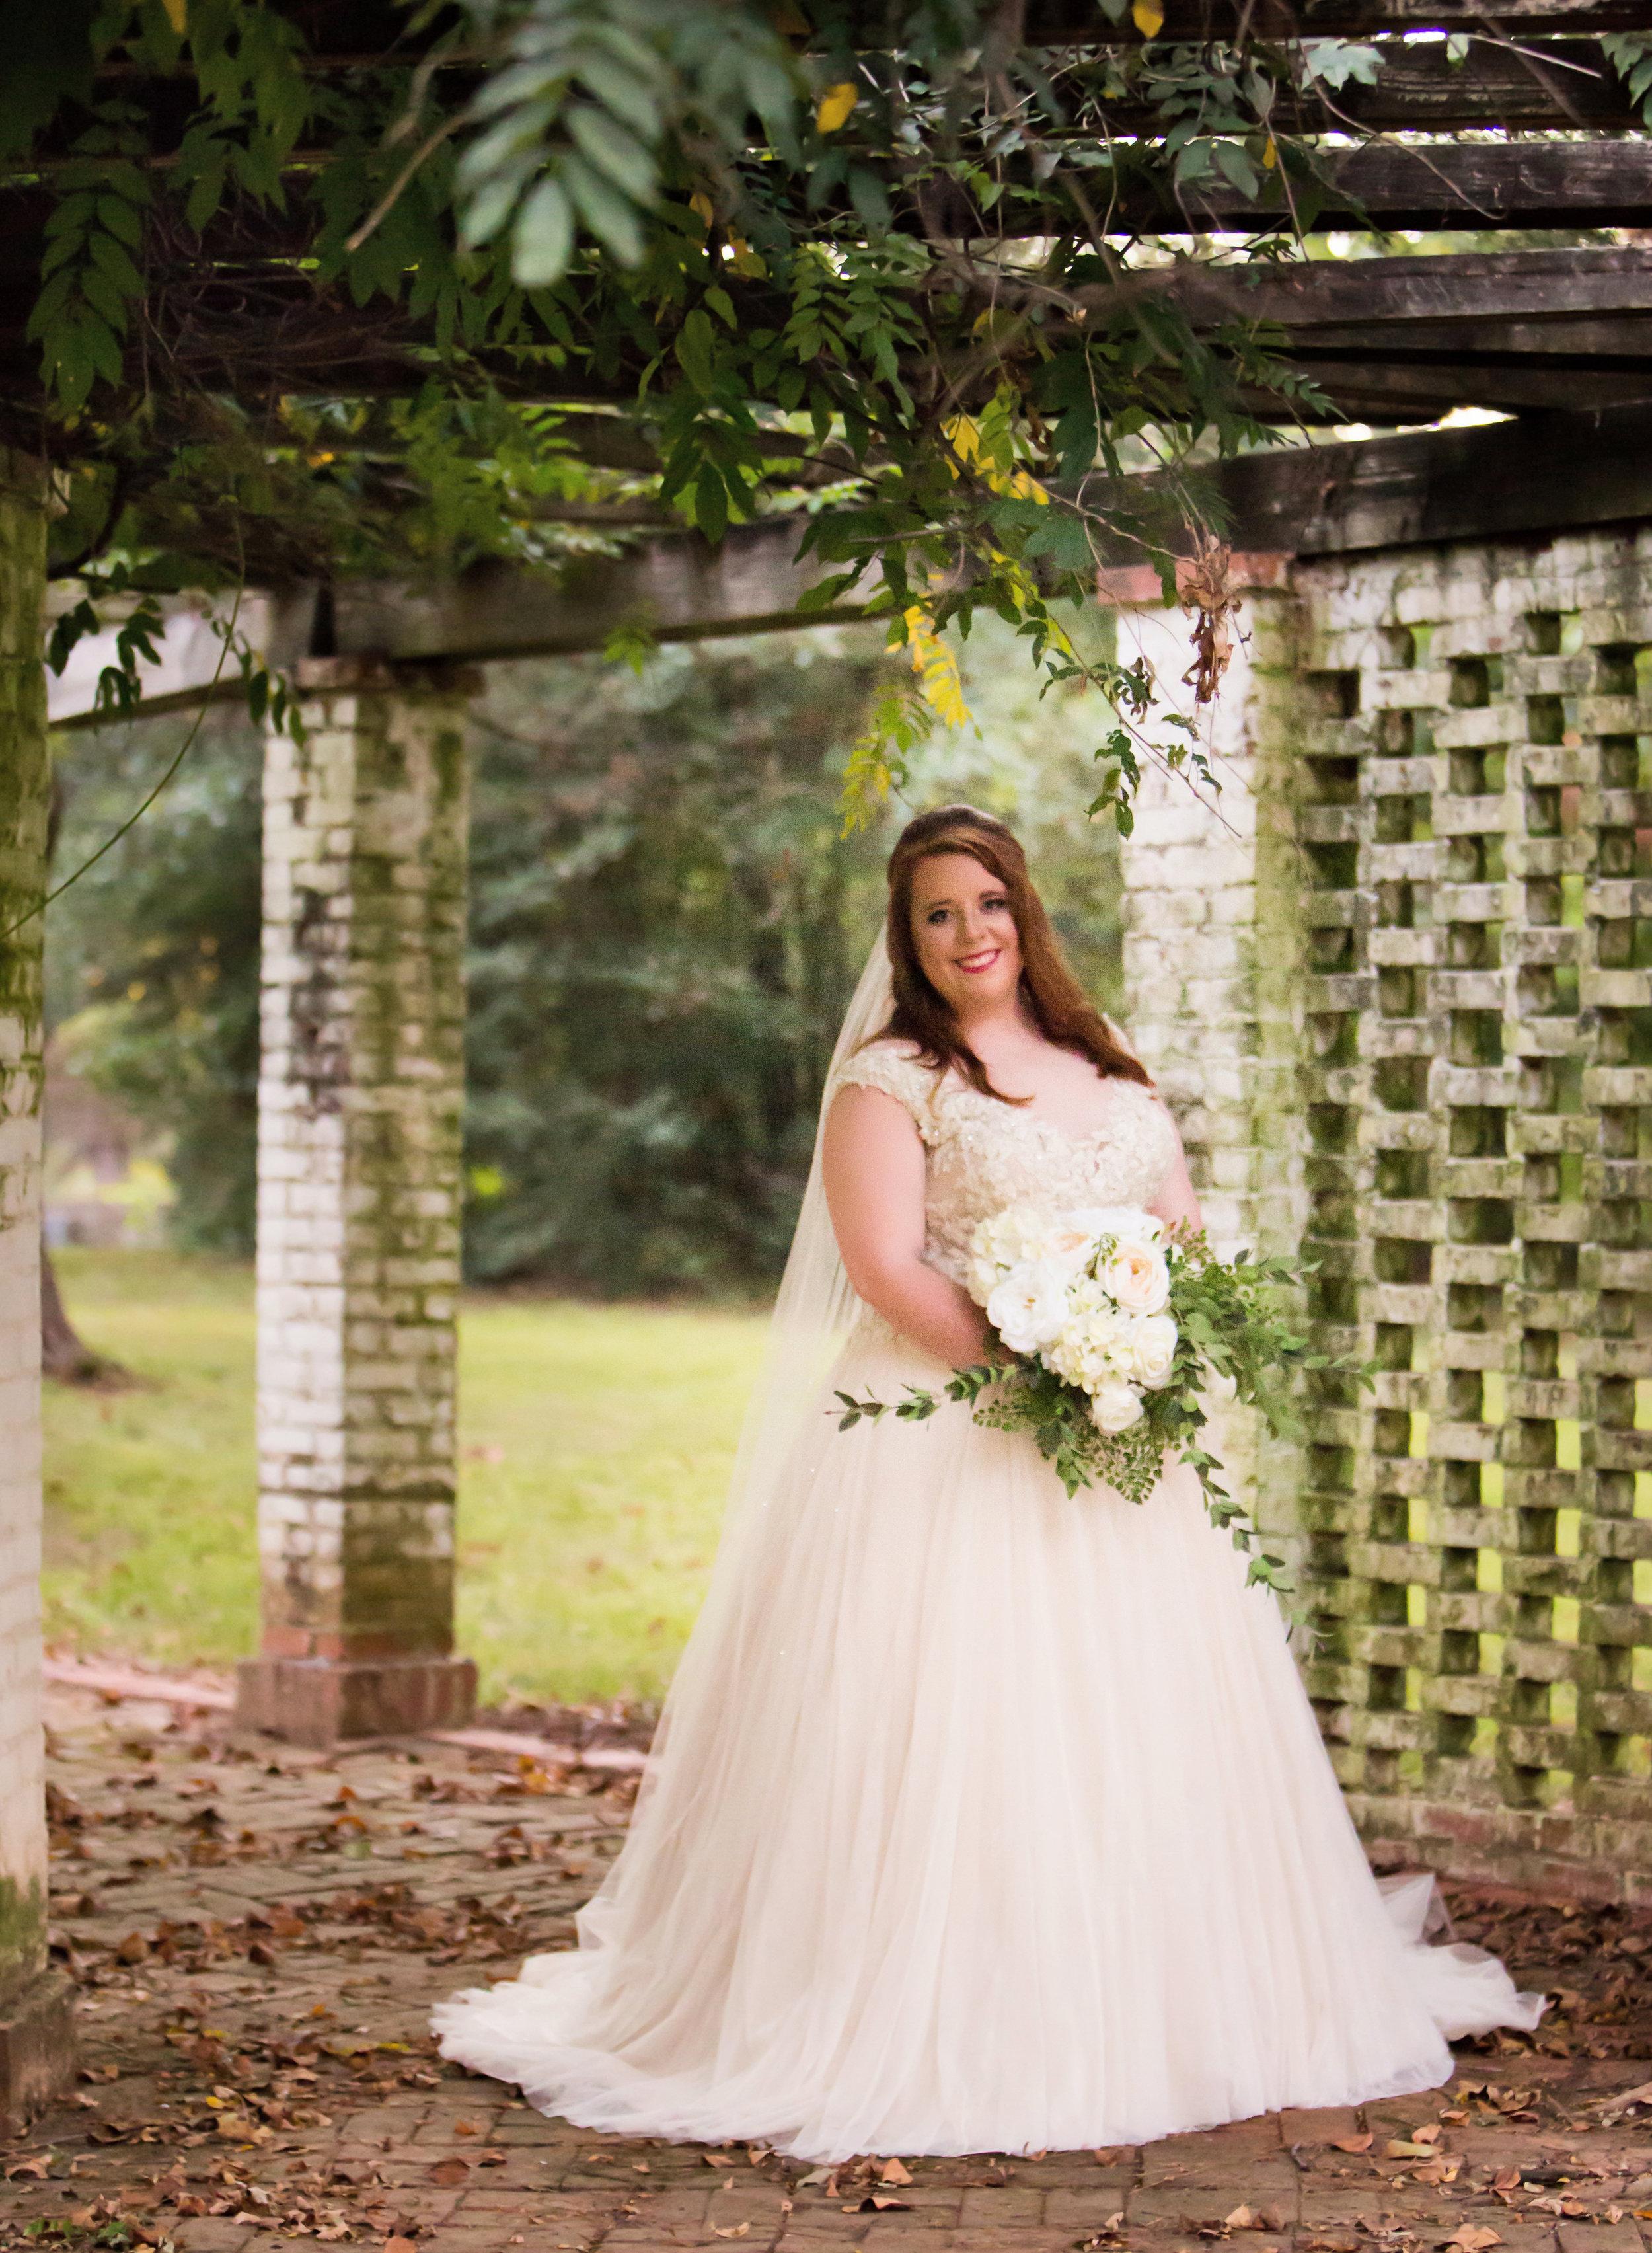 CedarCroft Plantation Wedding Venue